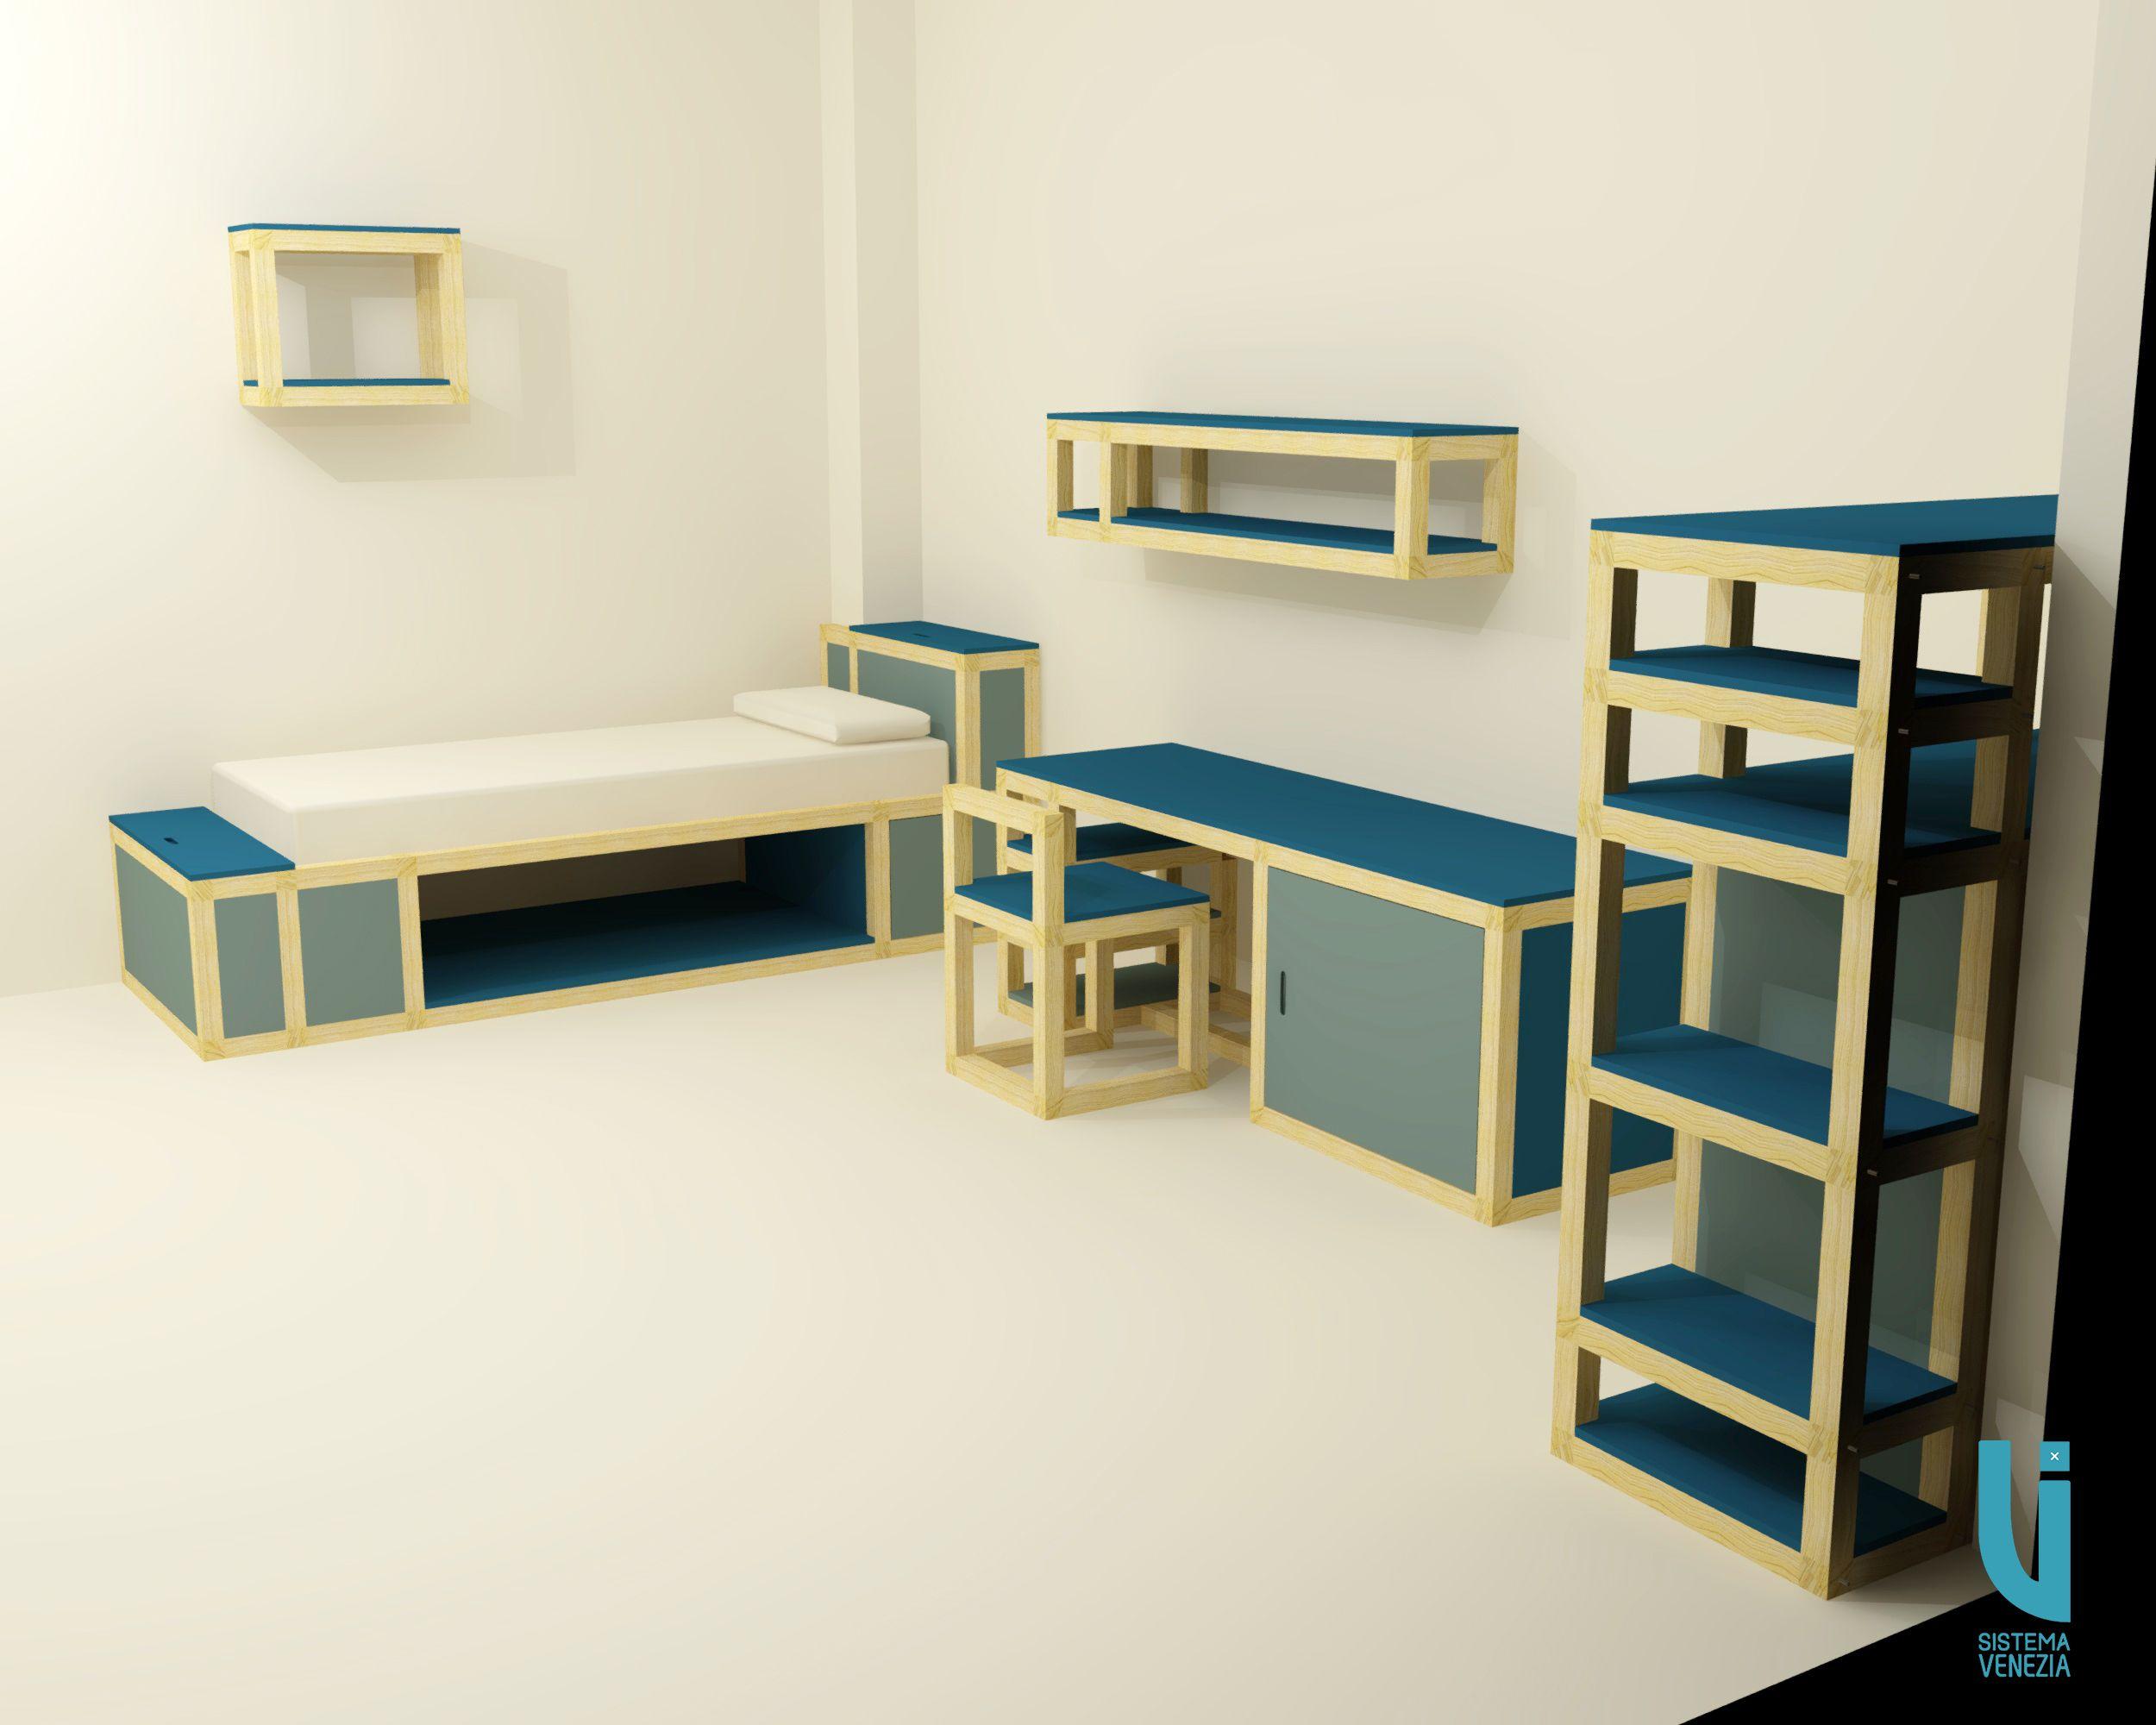 Camera Da Letto Bambino : Camera da letto per bambini costruita con sistemavenezia